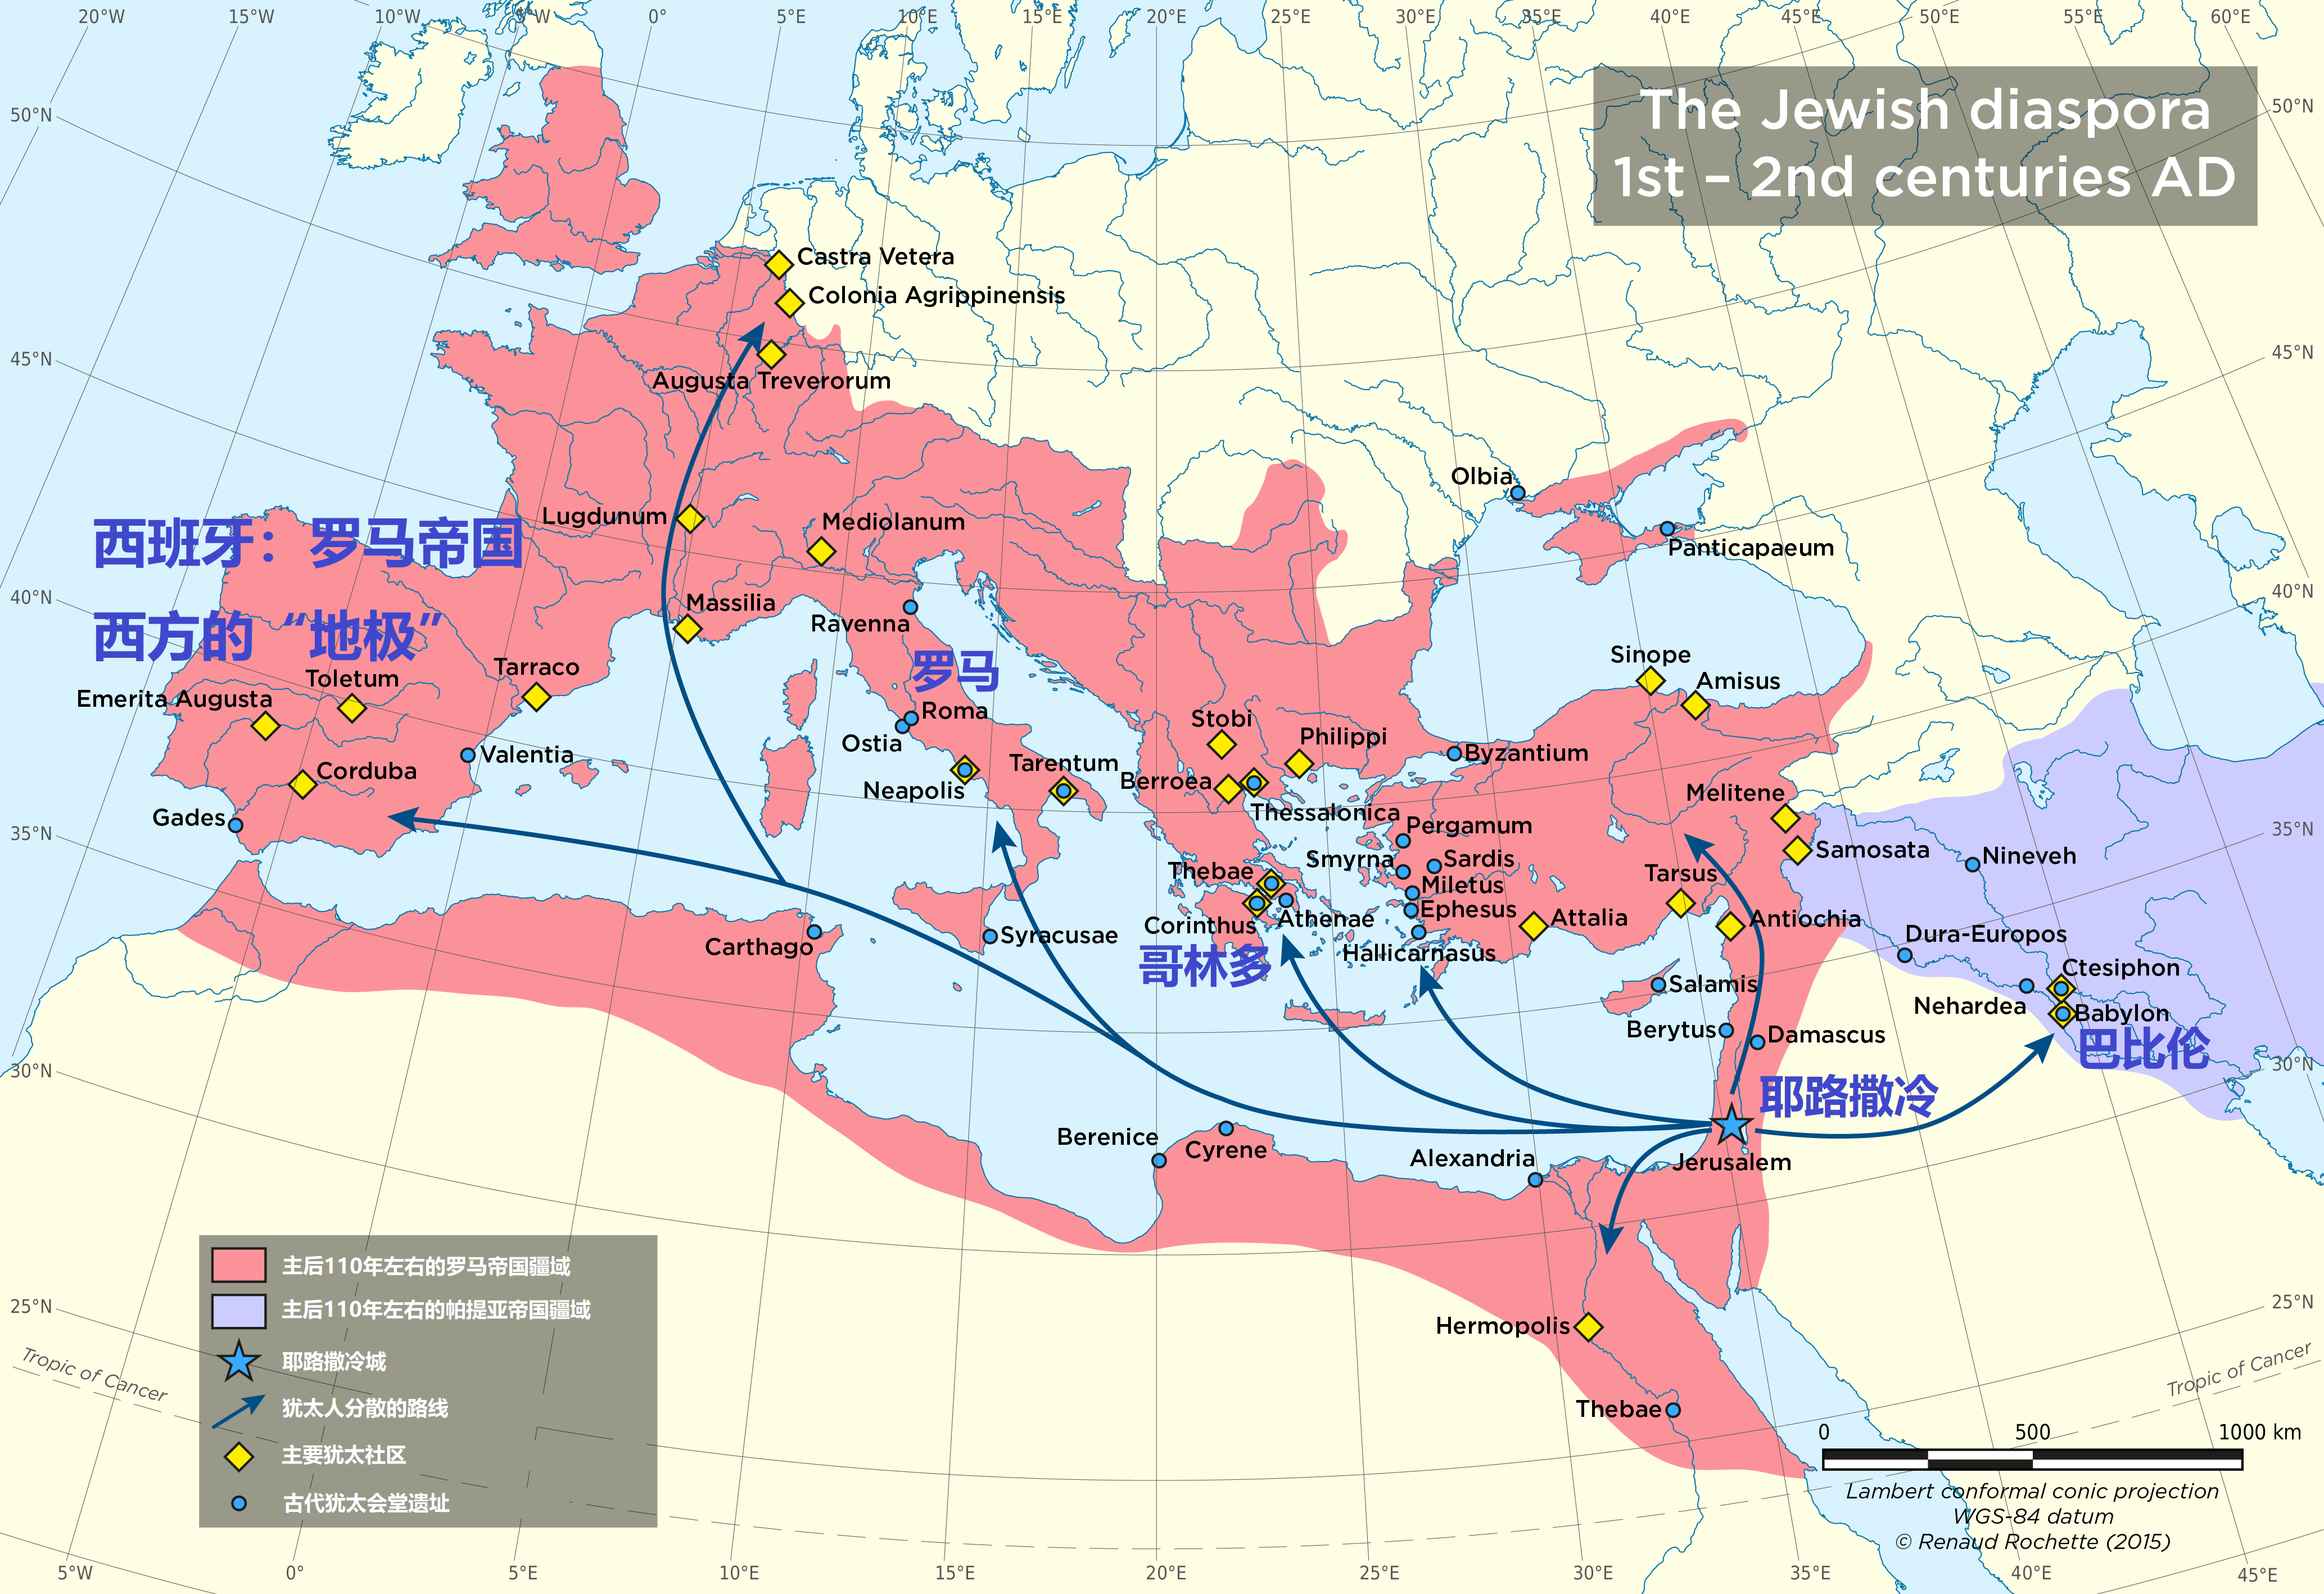 上图:第一至二世纪犹太人大流散的分布图。神把犹太人分散在万国之中,既是管教,也是祝福。因为犹太人遍及罗马帝国和帕提亚帝国,所以门徒们可以「在耶路撒冷、犹太全地,和撒马利亚,直到地极」为基督作见证(徒一8)。西班牙是当时已知的世界中西方的「地极」,也有犹太人定居,所以保罗盼望把福音传到西班牙。